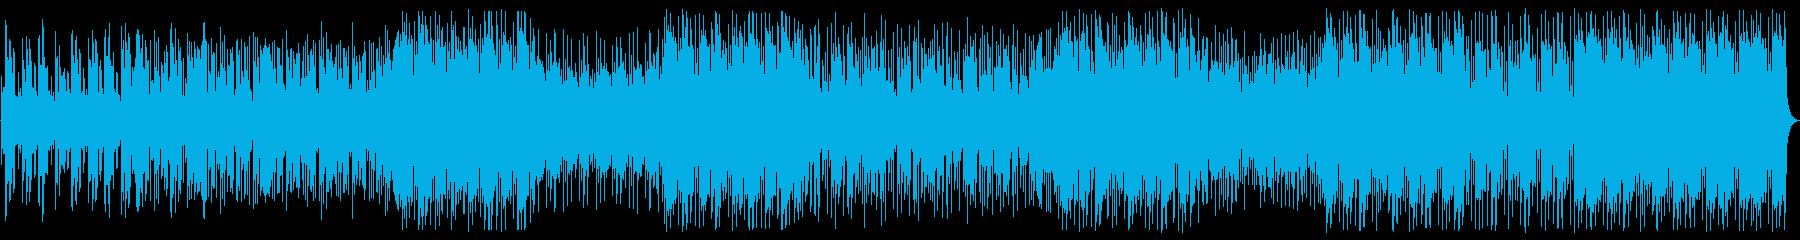 オリジナルのメロディをフィーチャー...の再生済みの波形